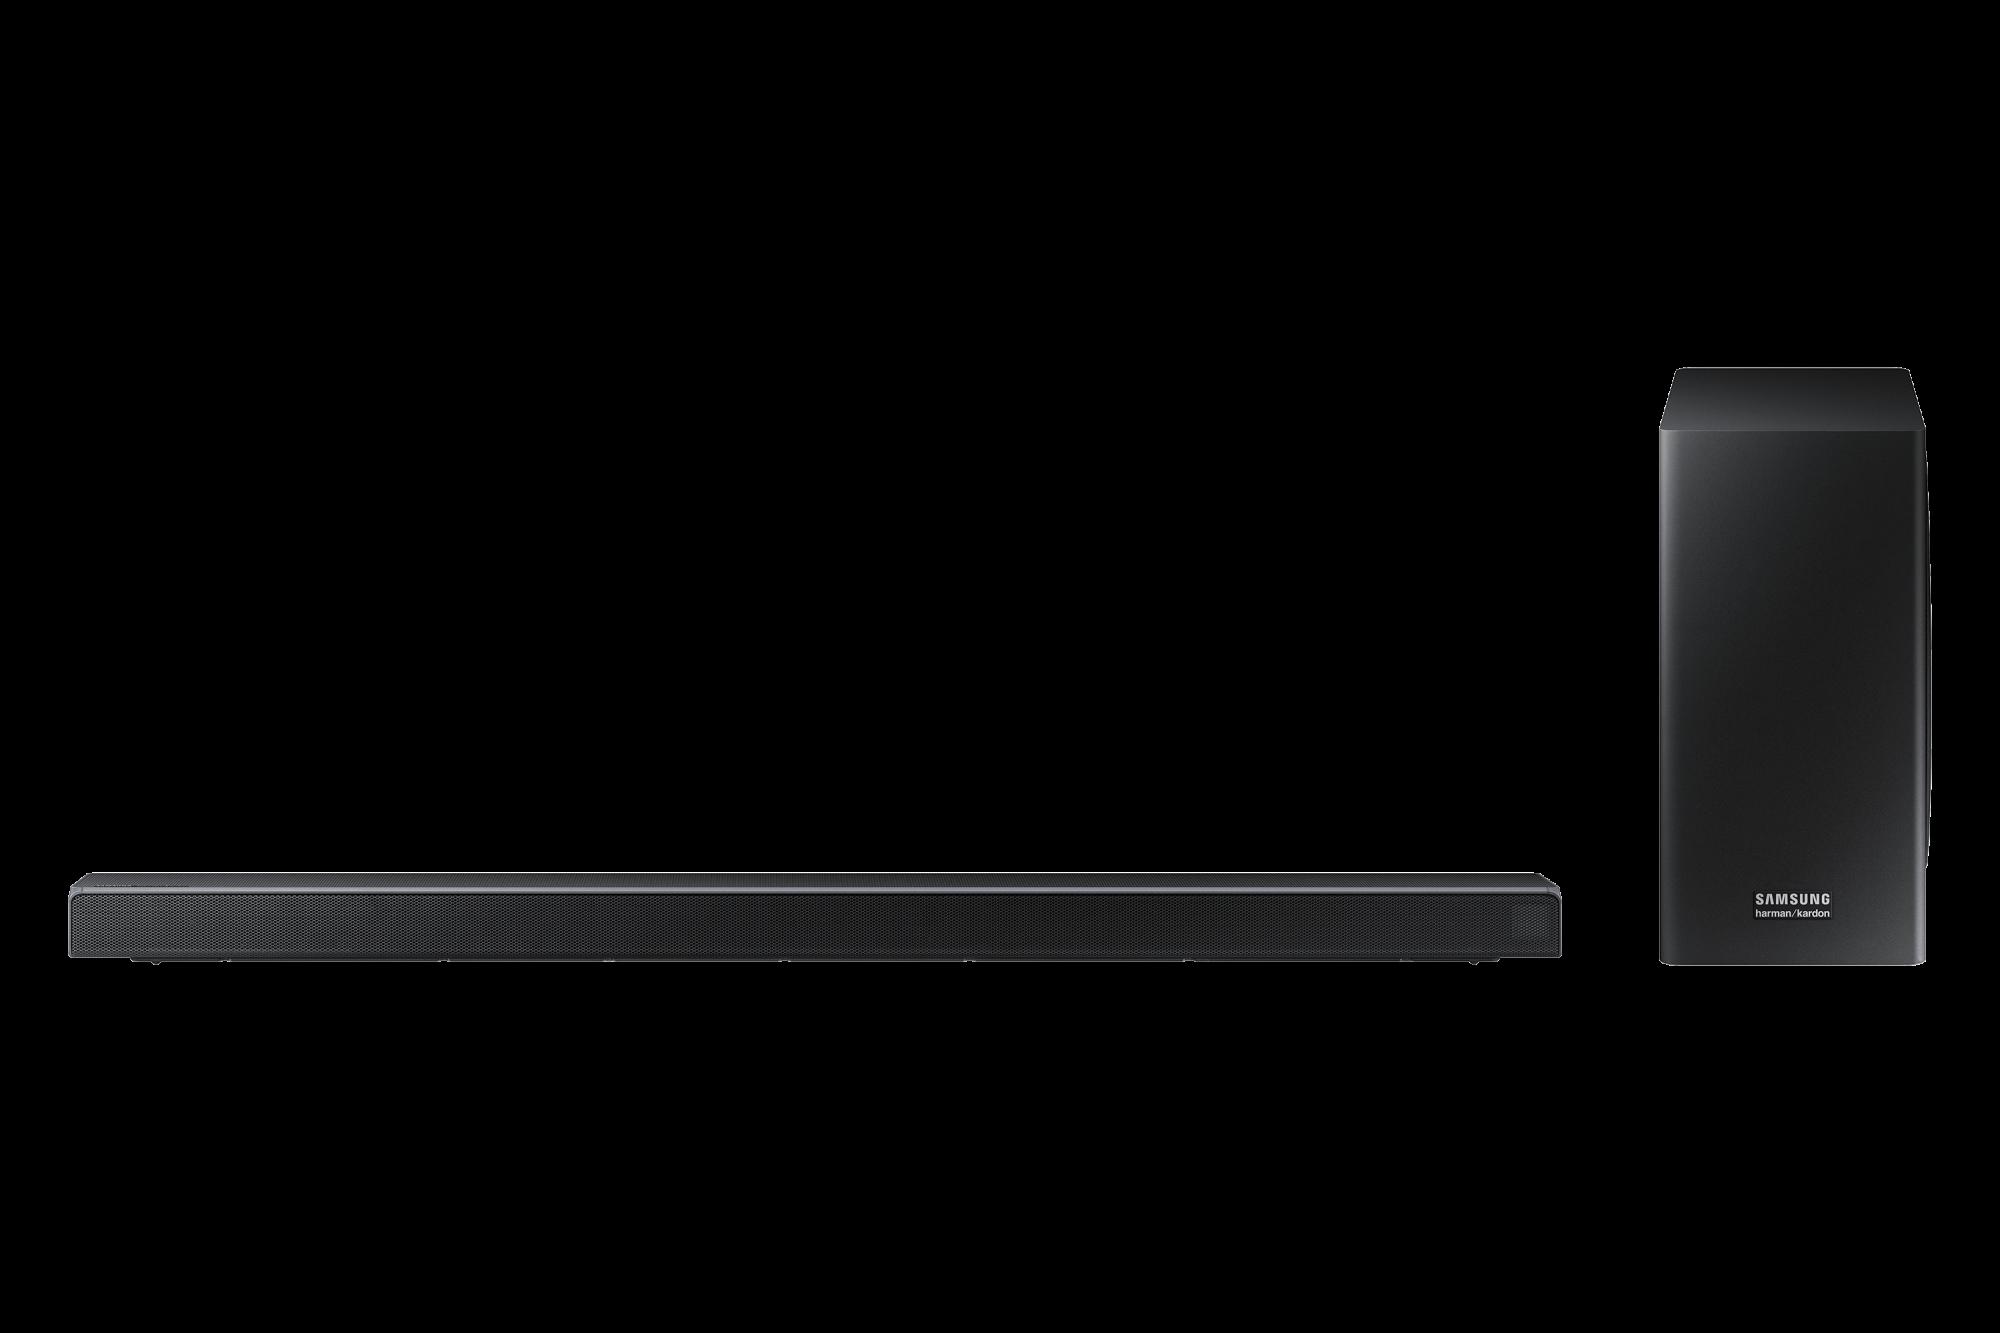 Саундбар Samsung HW-Q70R